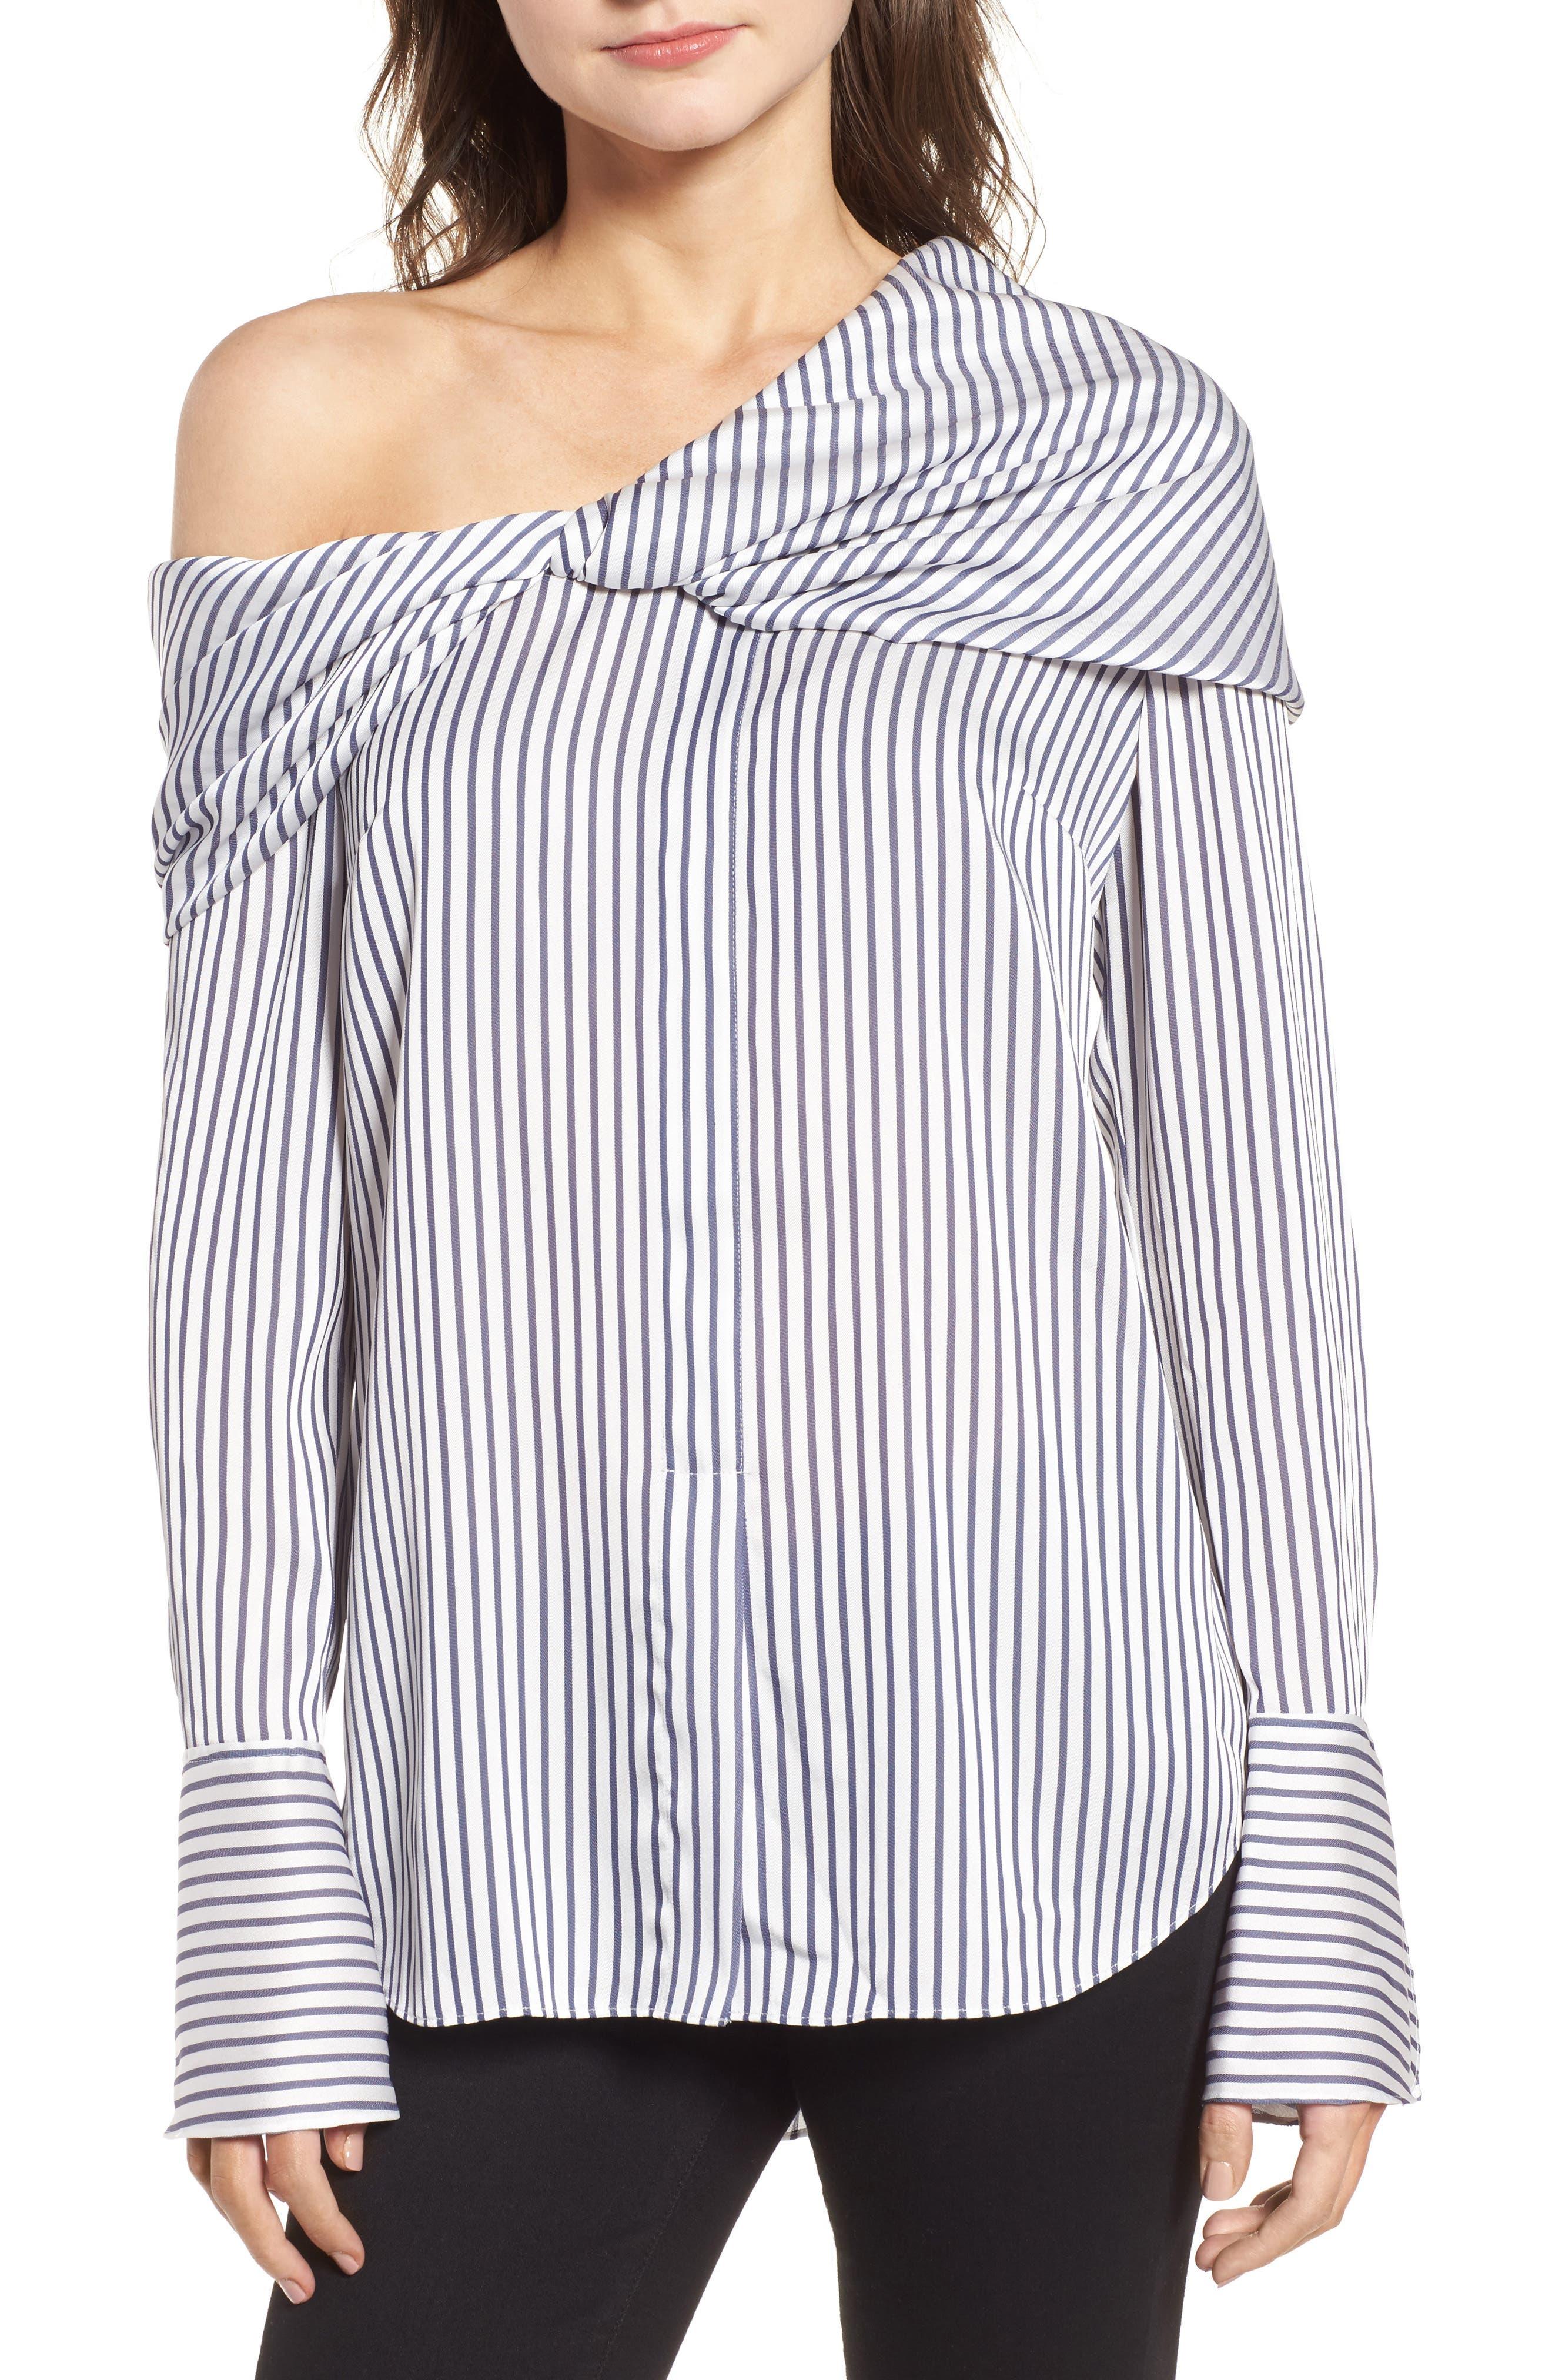 Trouvé Stripe One-Shoulder Top